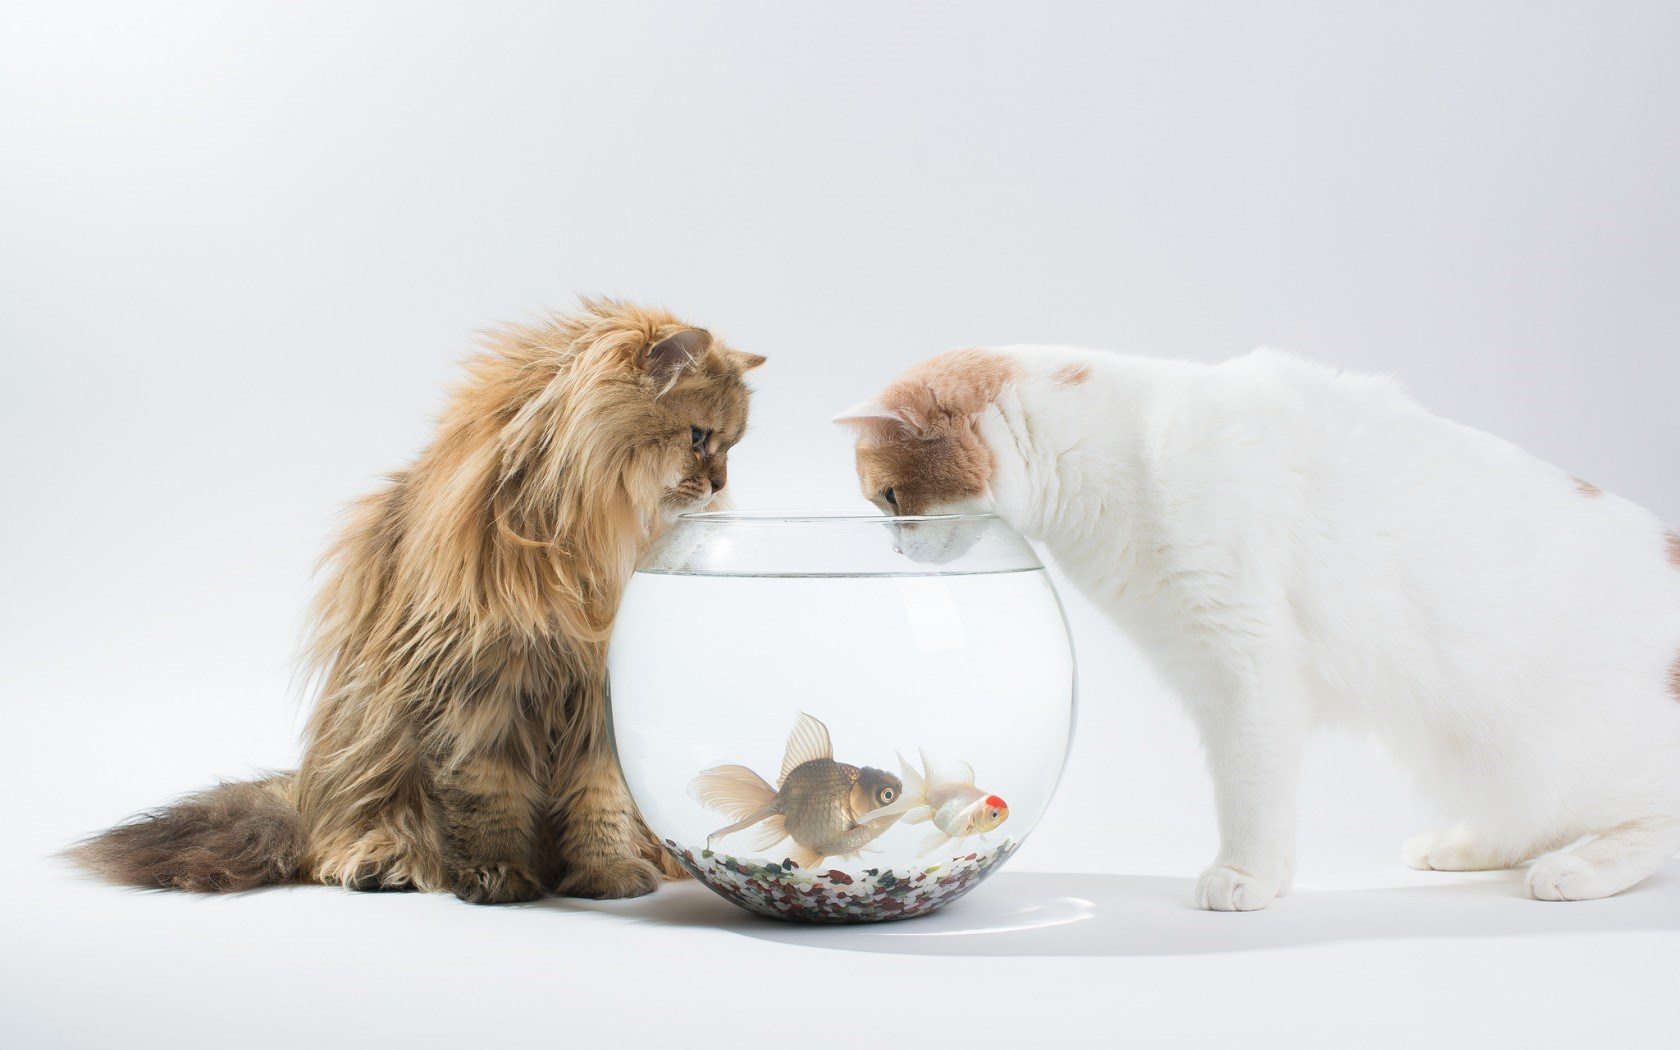 3d Wallpaper Live Fish Cats Fish Hd Desktop Wallpapers 4k Hd